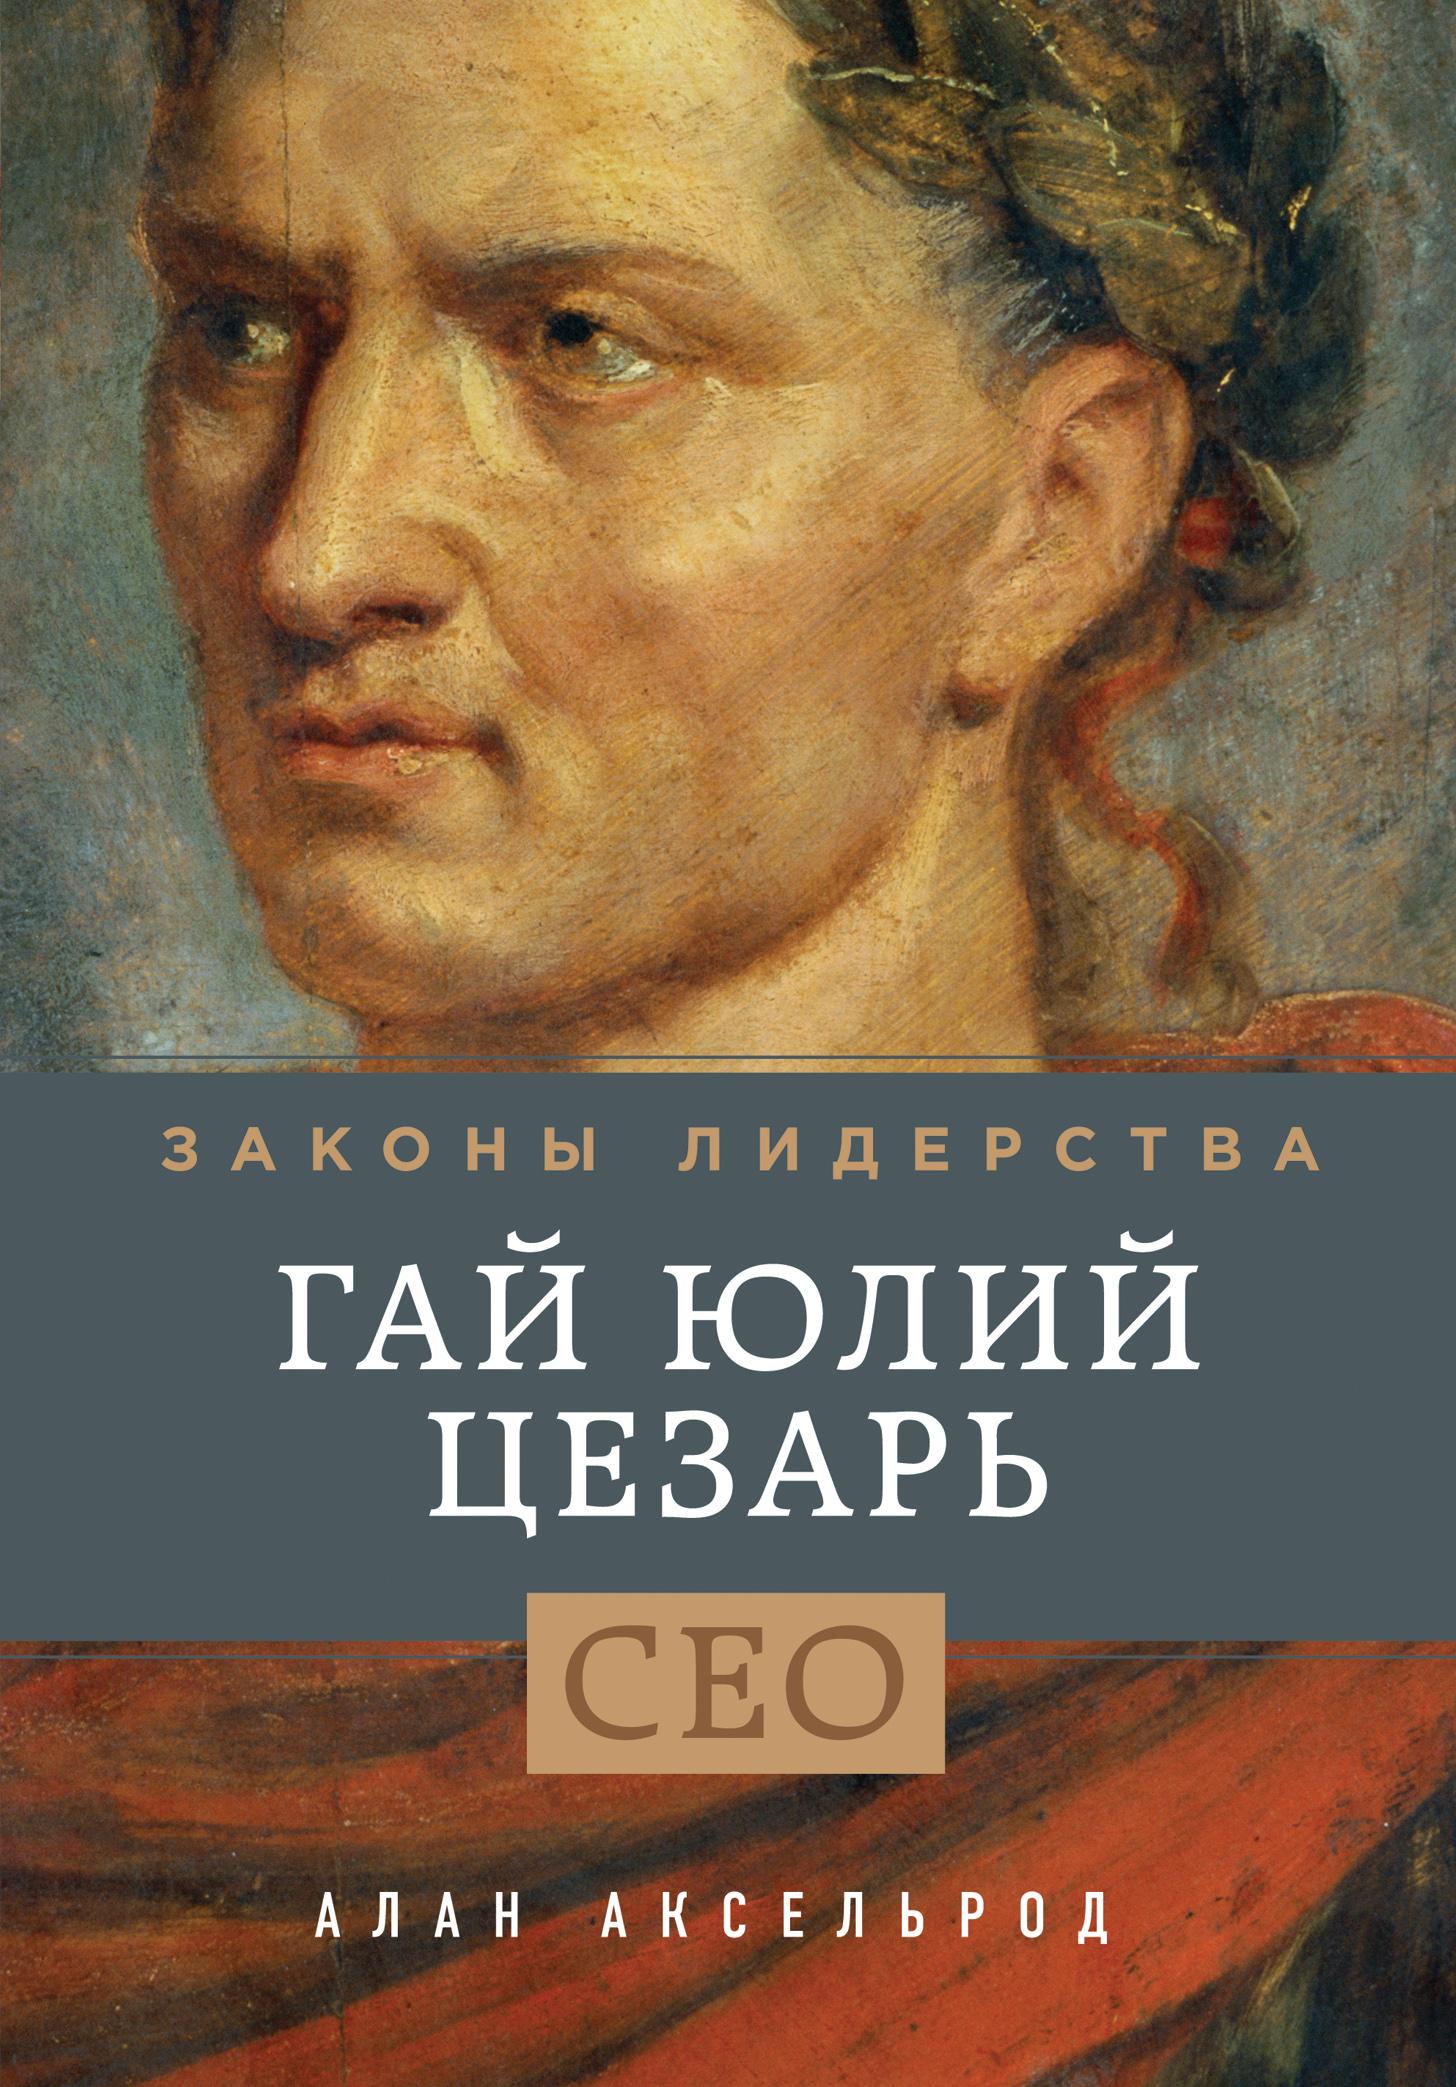 Гай юлий цезарь книга скачать